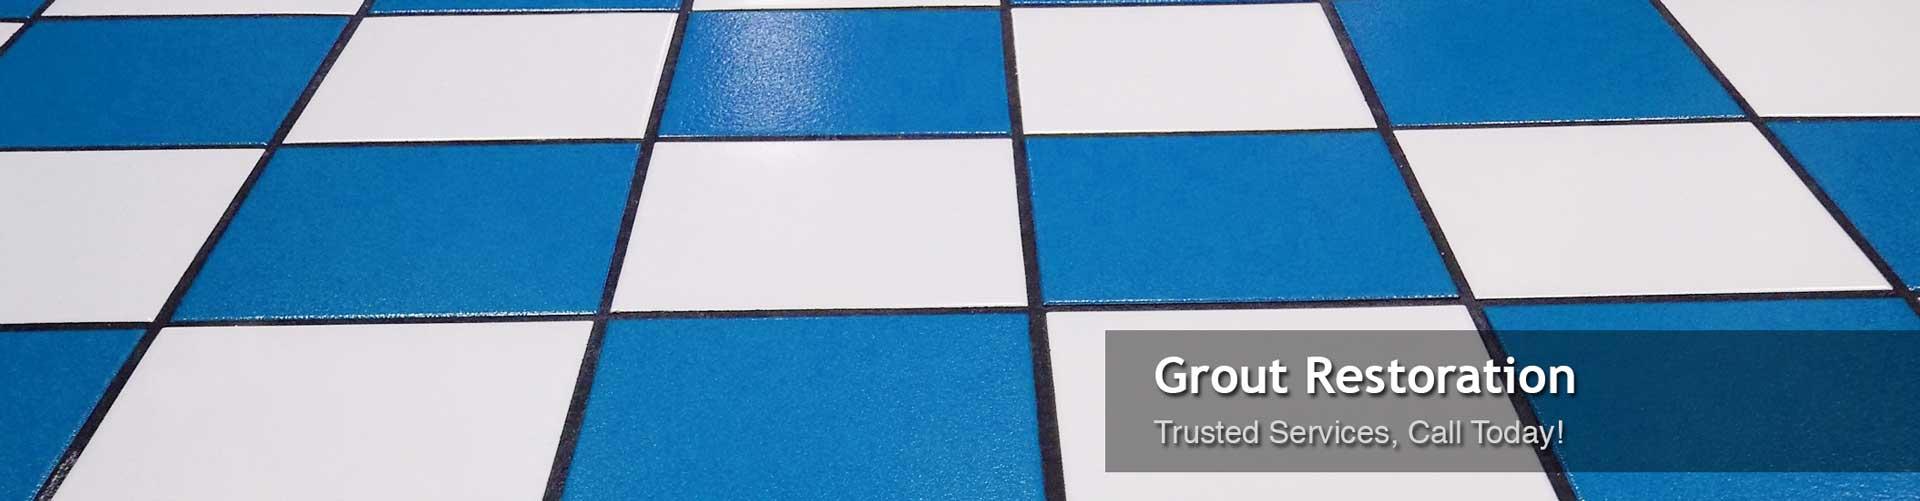 slide-grout-restoration